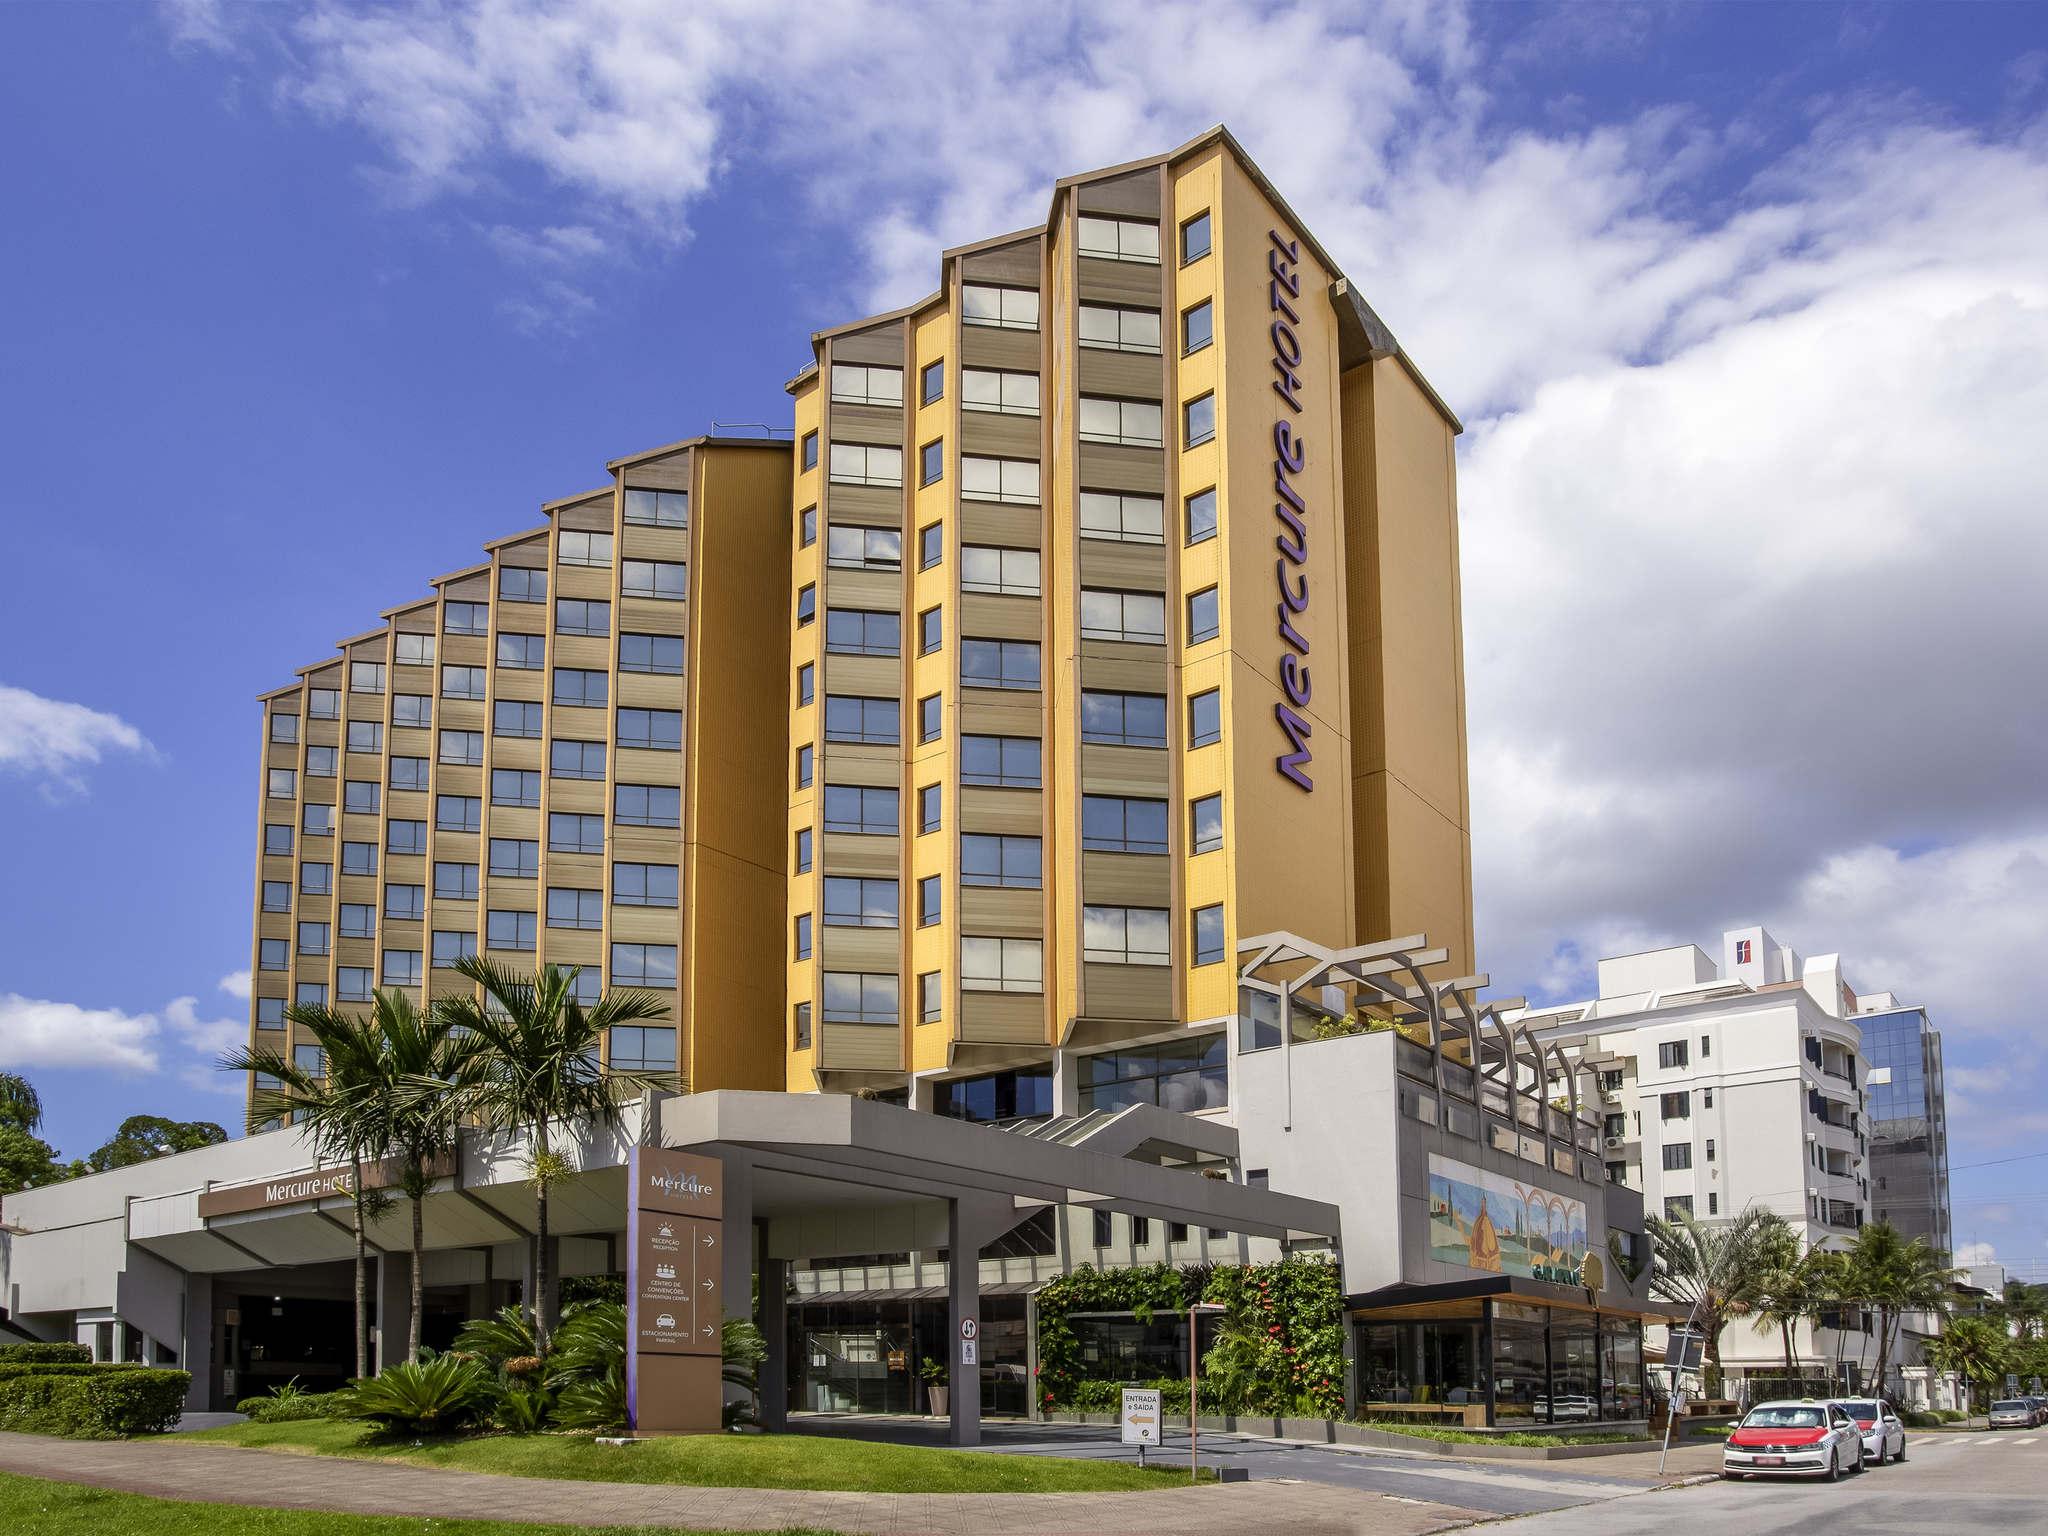 ホテル – メルキュール フロリアノポリス コンベンション ホテル